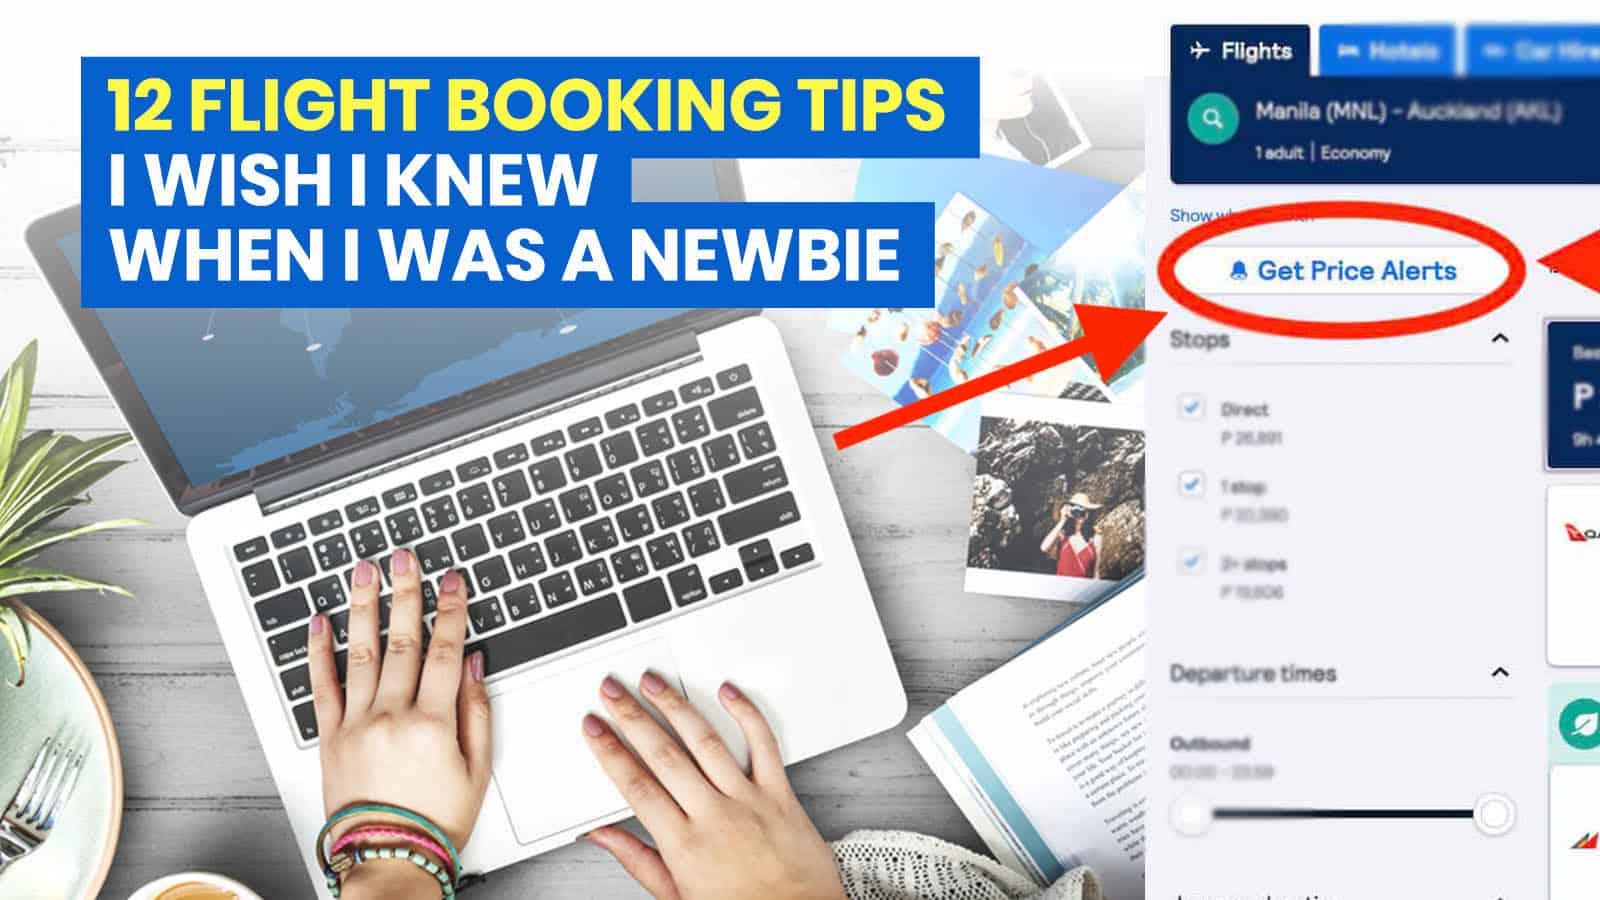 12个机票预订技巧和窍门,我希望在我还是个旅游新手的时候就知道了 | 穷游者行程博客